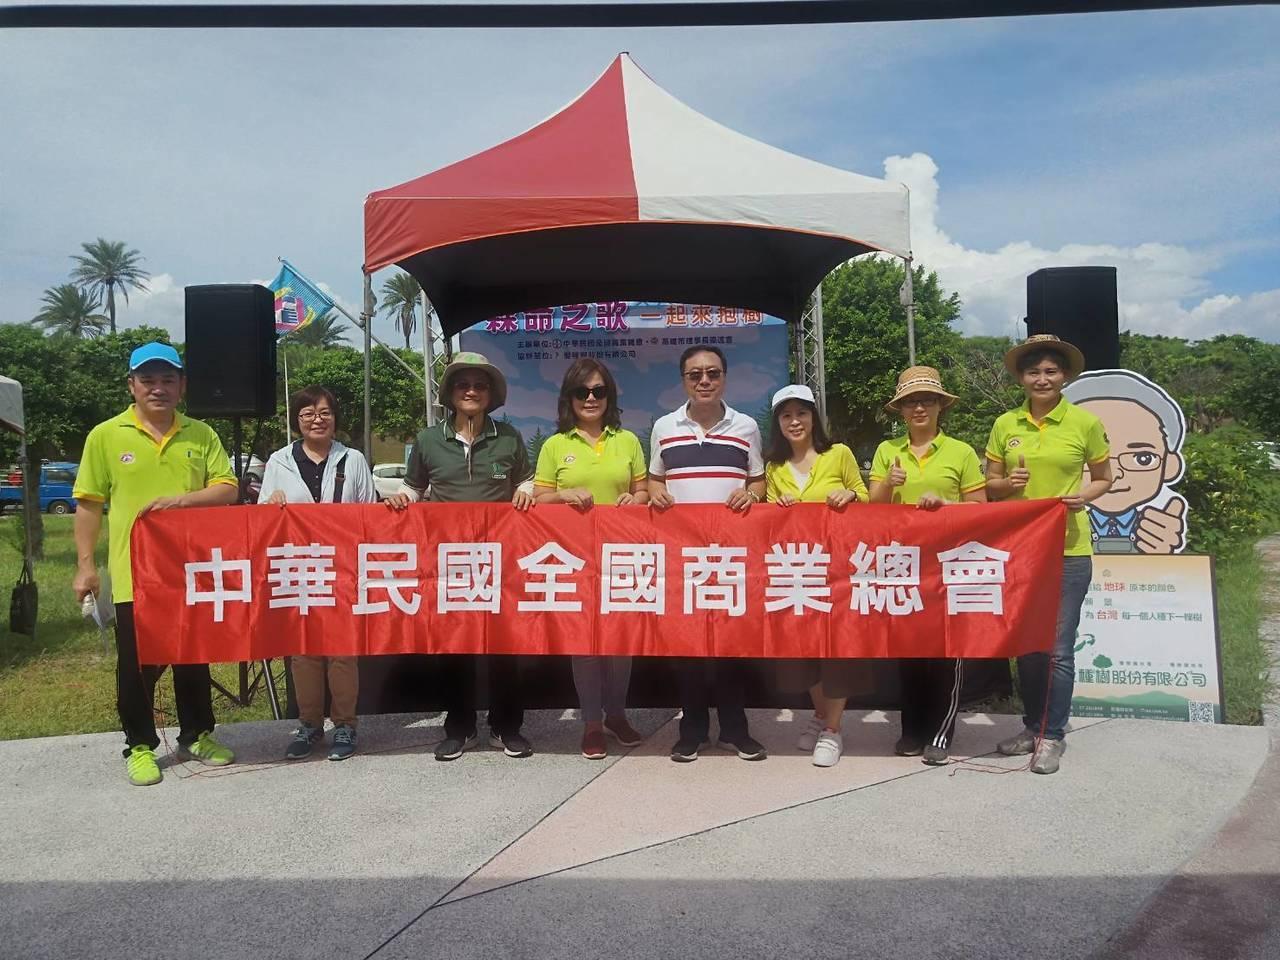 全國商業總會與高雄市理事長協進會合作,在旗津舉辦「森命之歌、一起來抱樹」活動,大...